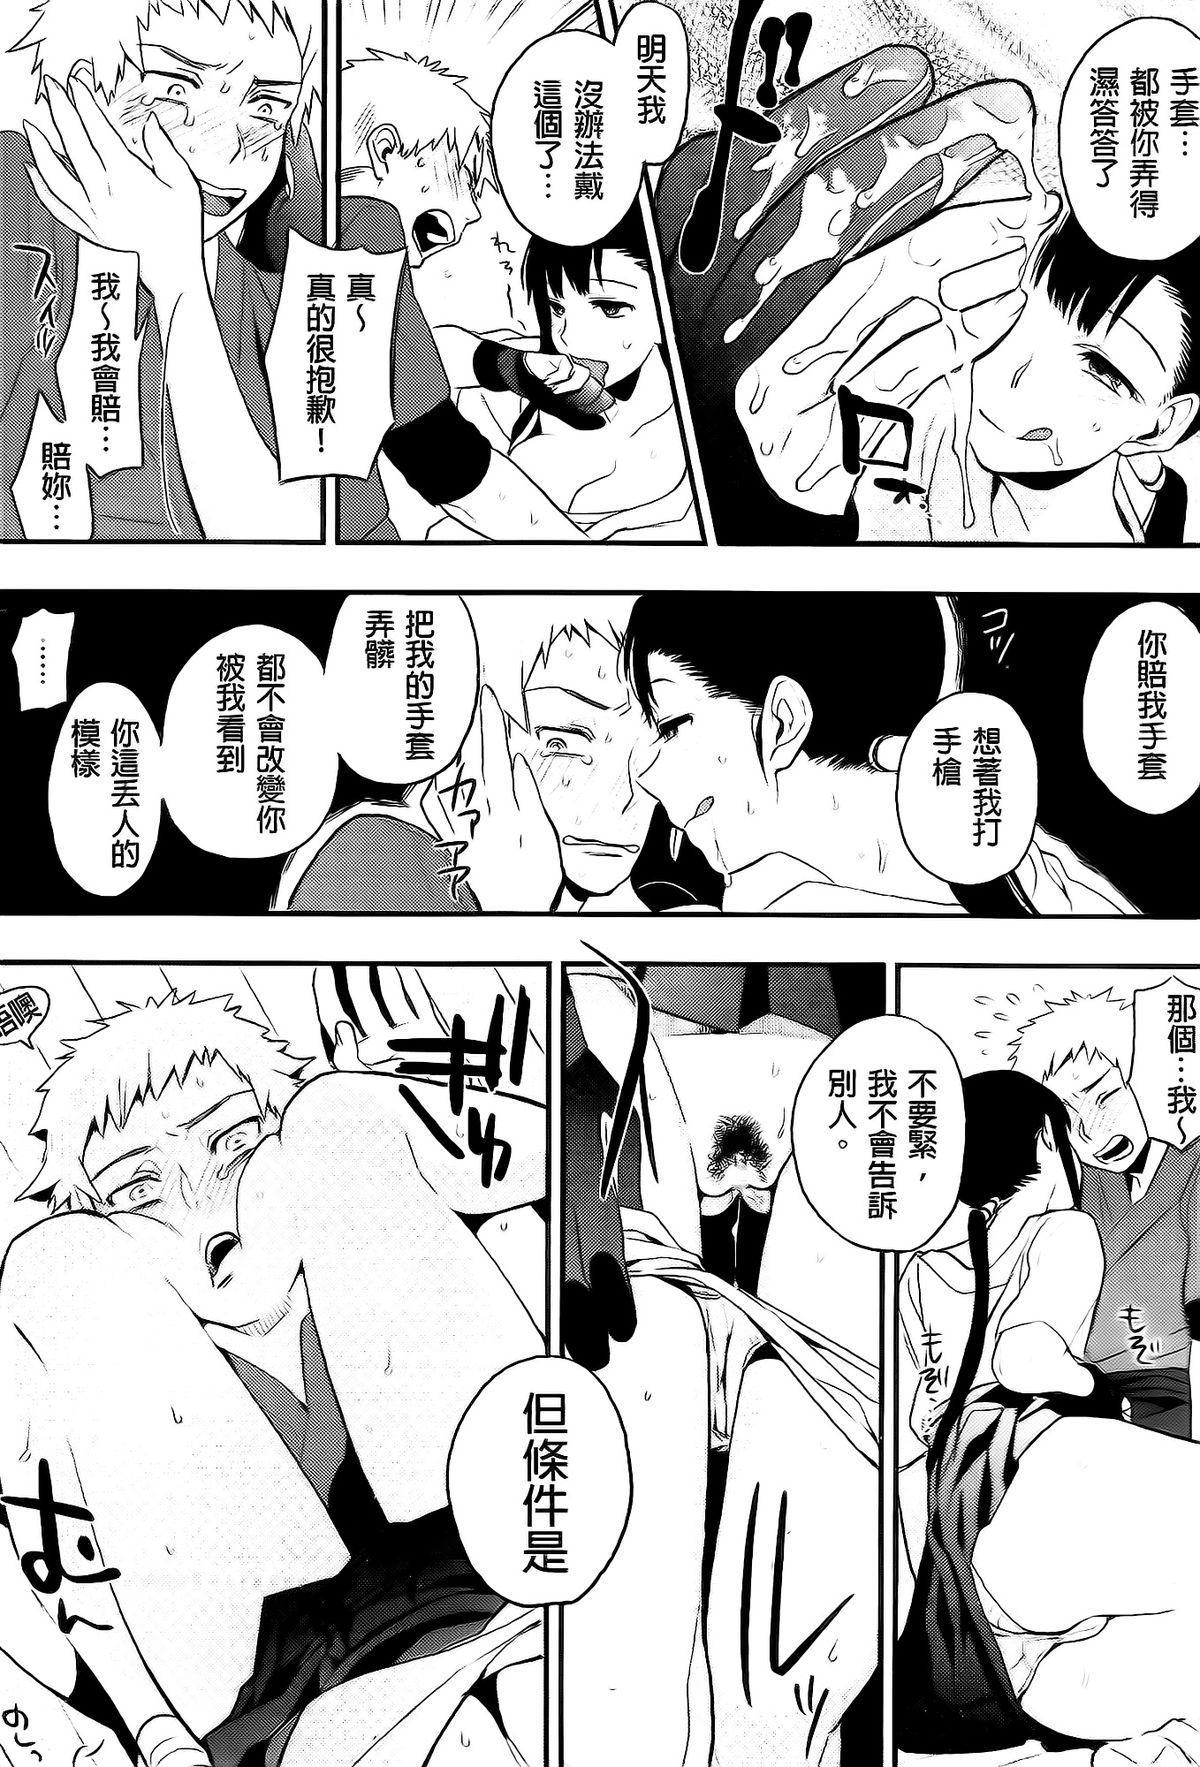 Boku Dake no Yuuyami 167